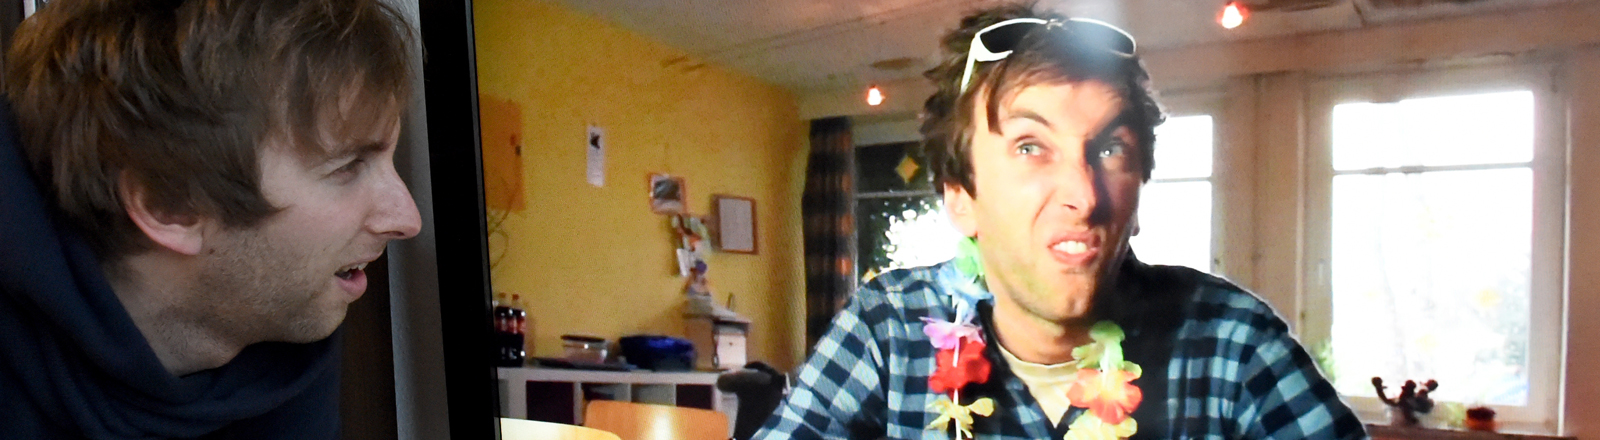 Torge Oelrich (Freshtorge) steht in seiner Wohnung in Wesselburen (Schleswig-Holstein) neben einem Fernseher, auf dem einer seiner Filme läuft.